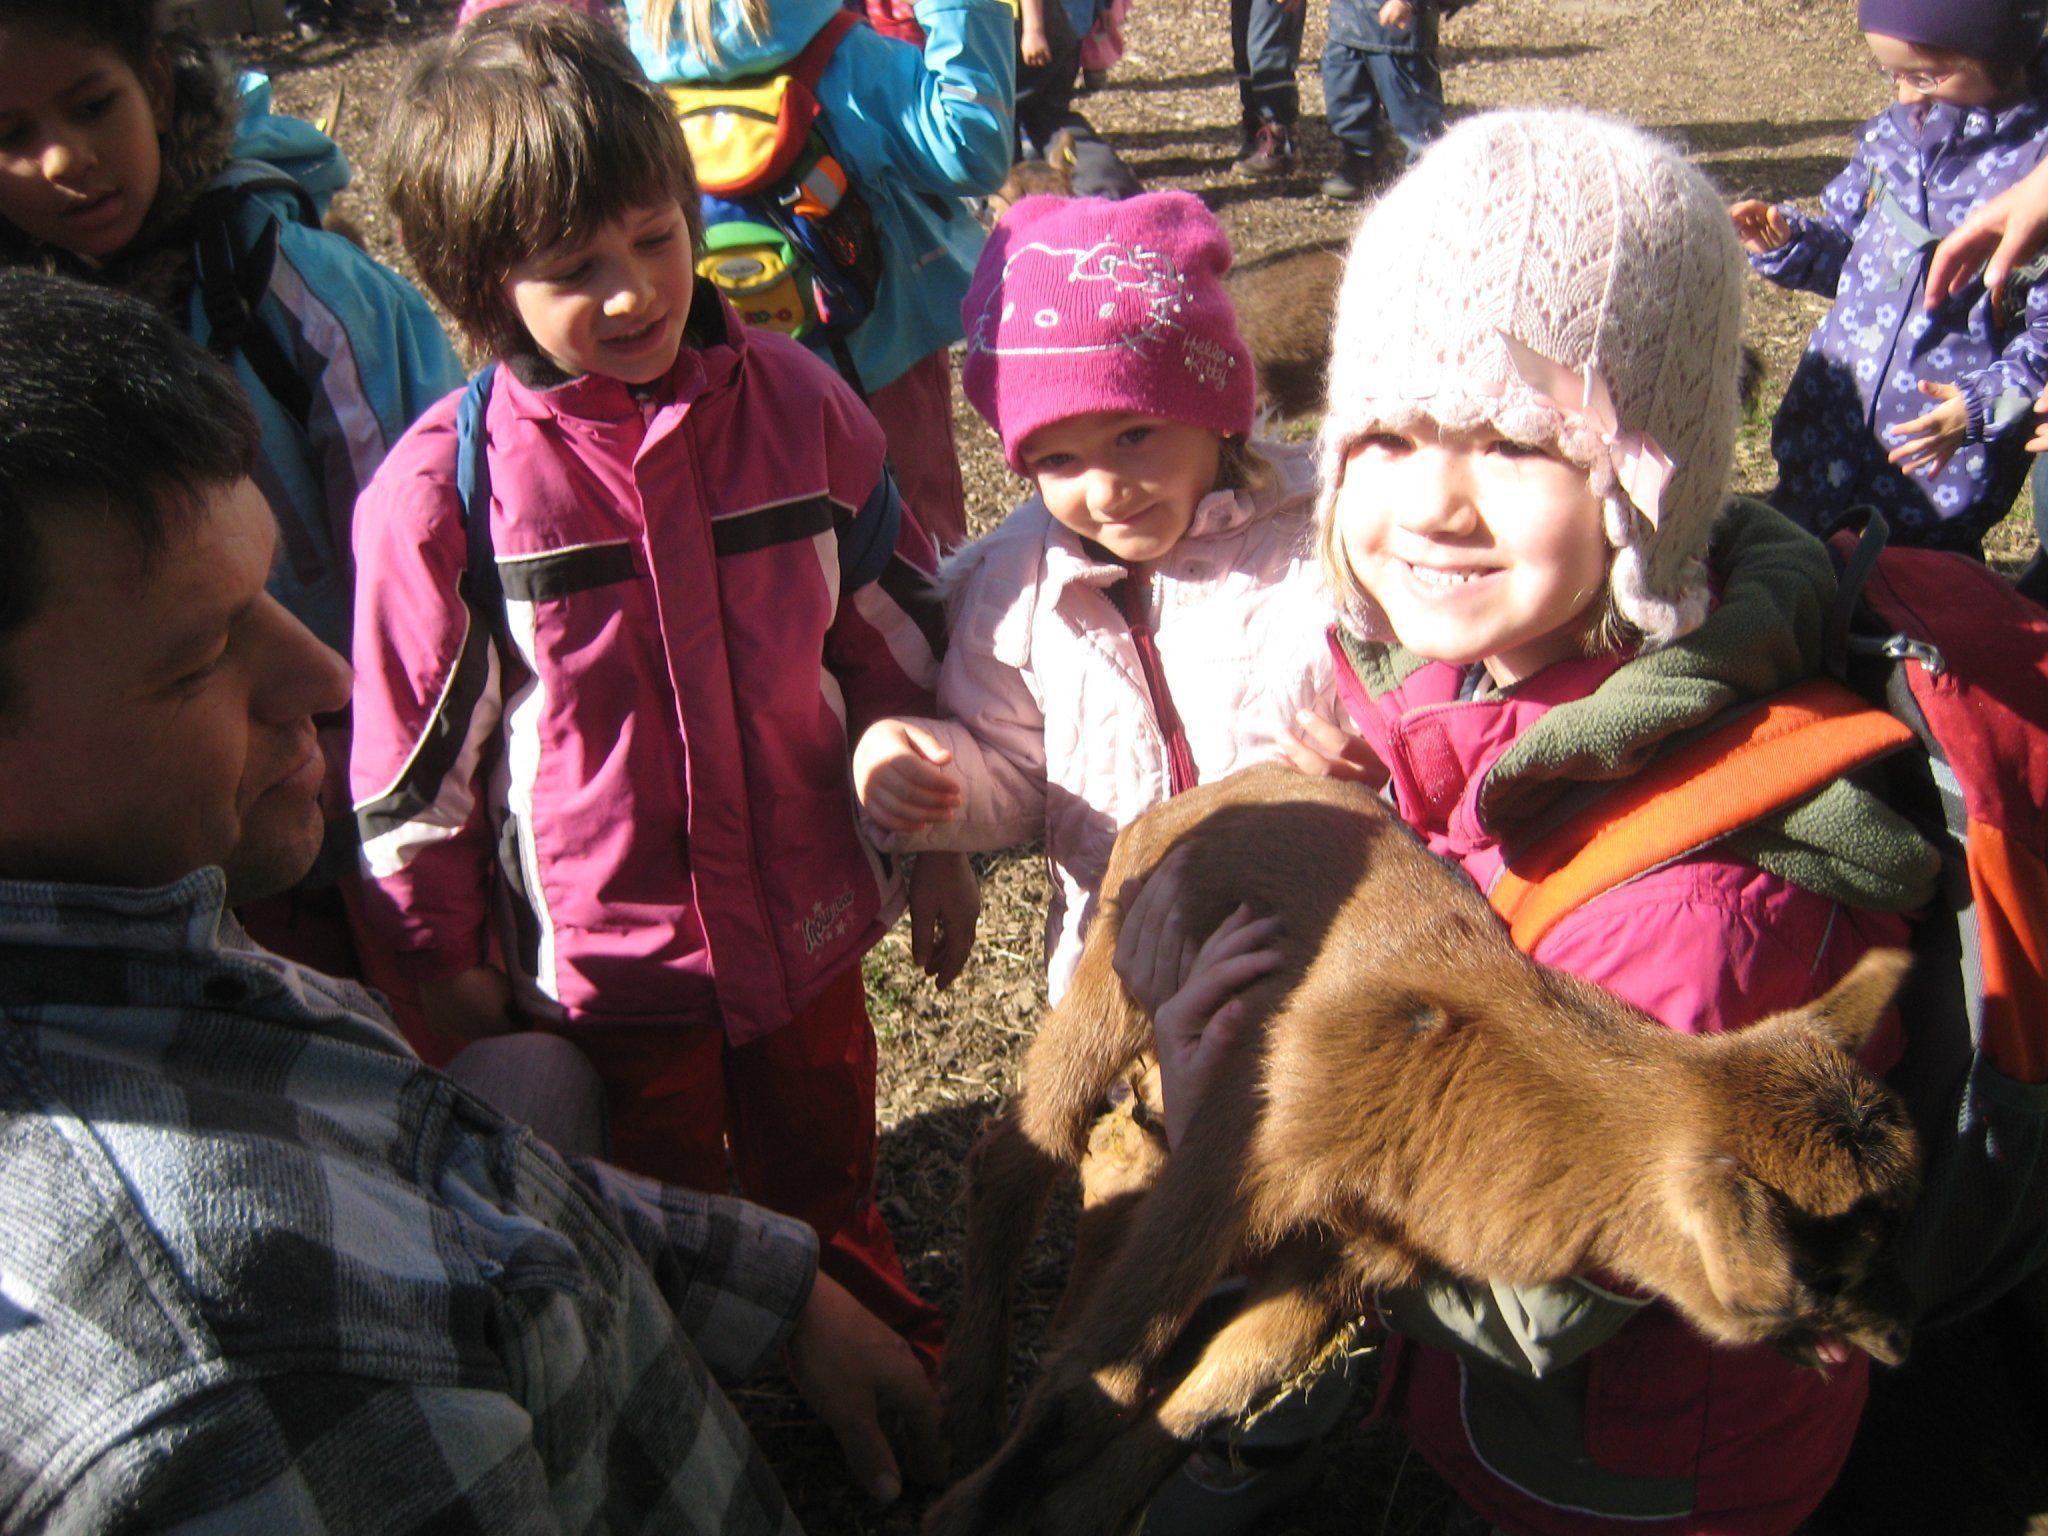 Ziegenausstellung bei der Hauptschule Oberau in Gisingen: Familien werden begeistert sein.